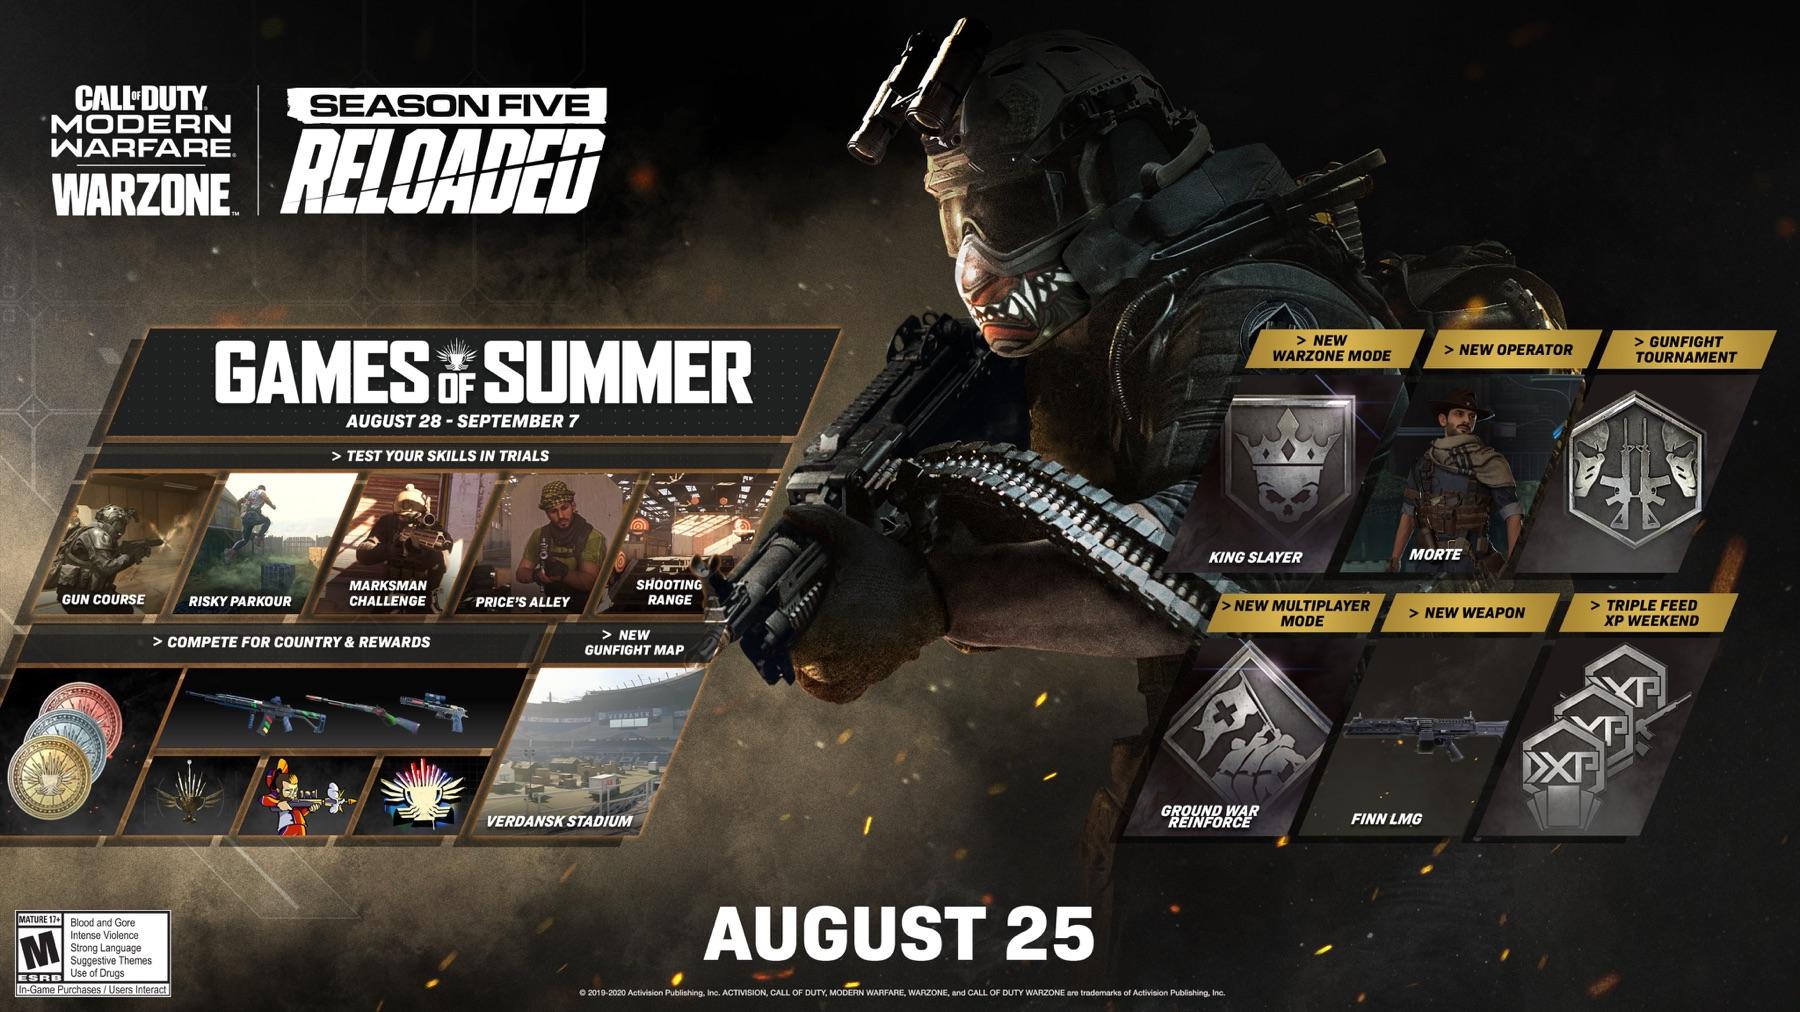 Black Ops Cold War News On Twitter Breaking Call Of Duty Warzone And Modern Warfare Season 5 Reloaded Roadmap